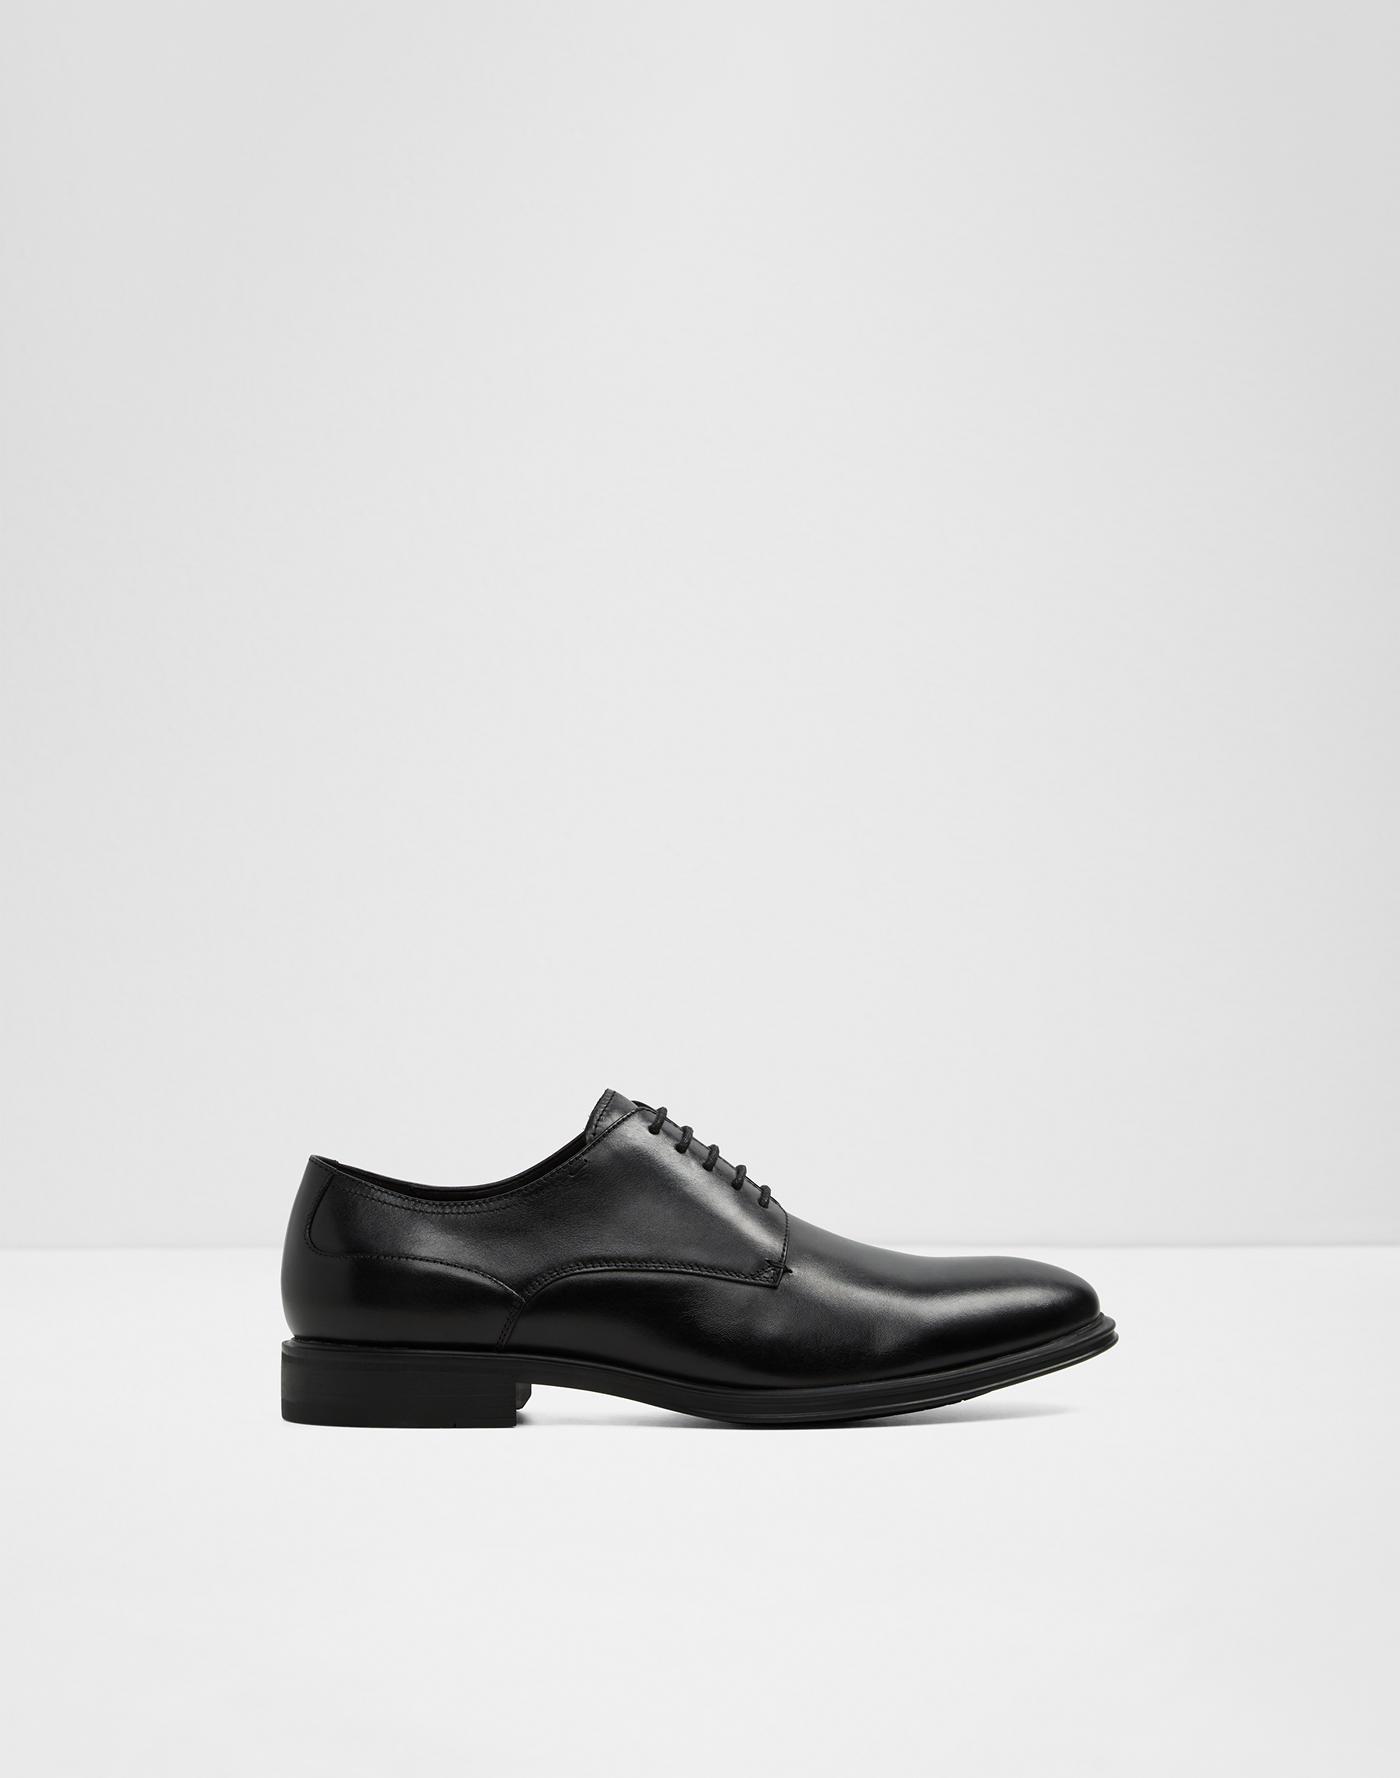 1f3f31b02a9 Dress shoes